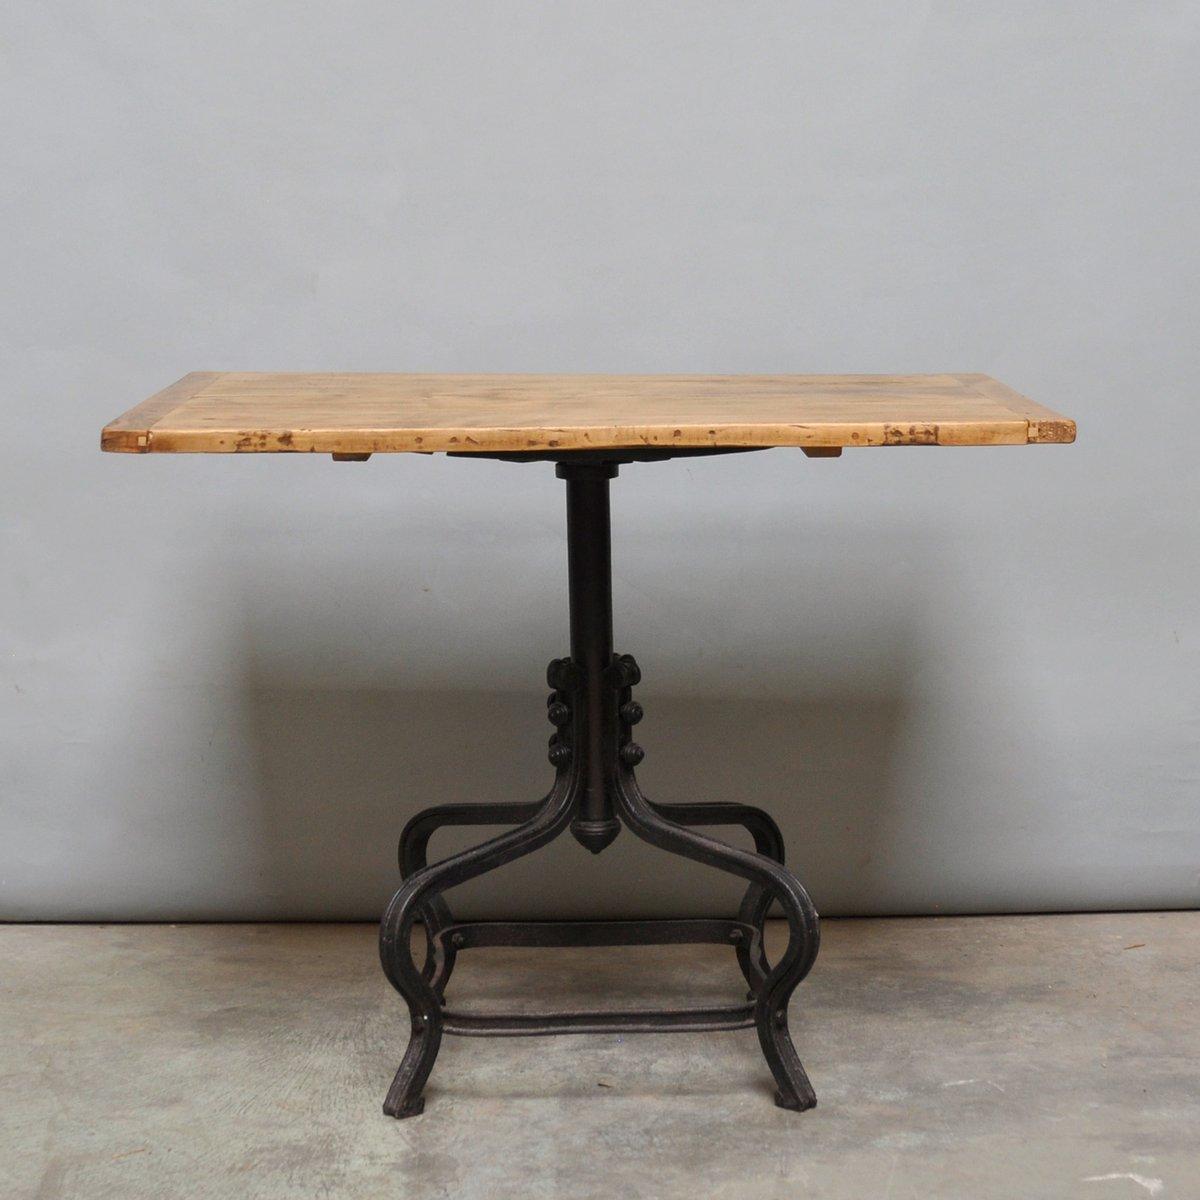 kleiner tisch with kleiner tisch finest ladentisch hoher tisch ego xxcm with kleiner tisch. Black Bedroom Furniture Sets. Home Design Ideas